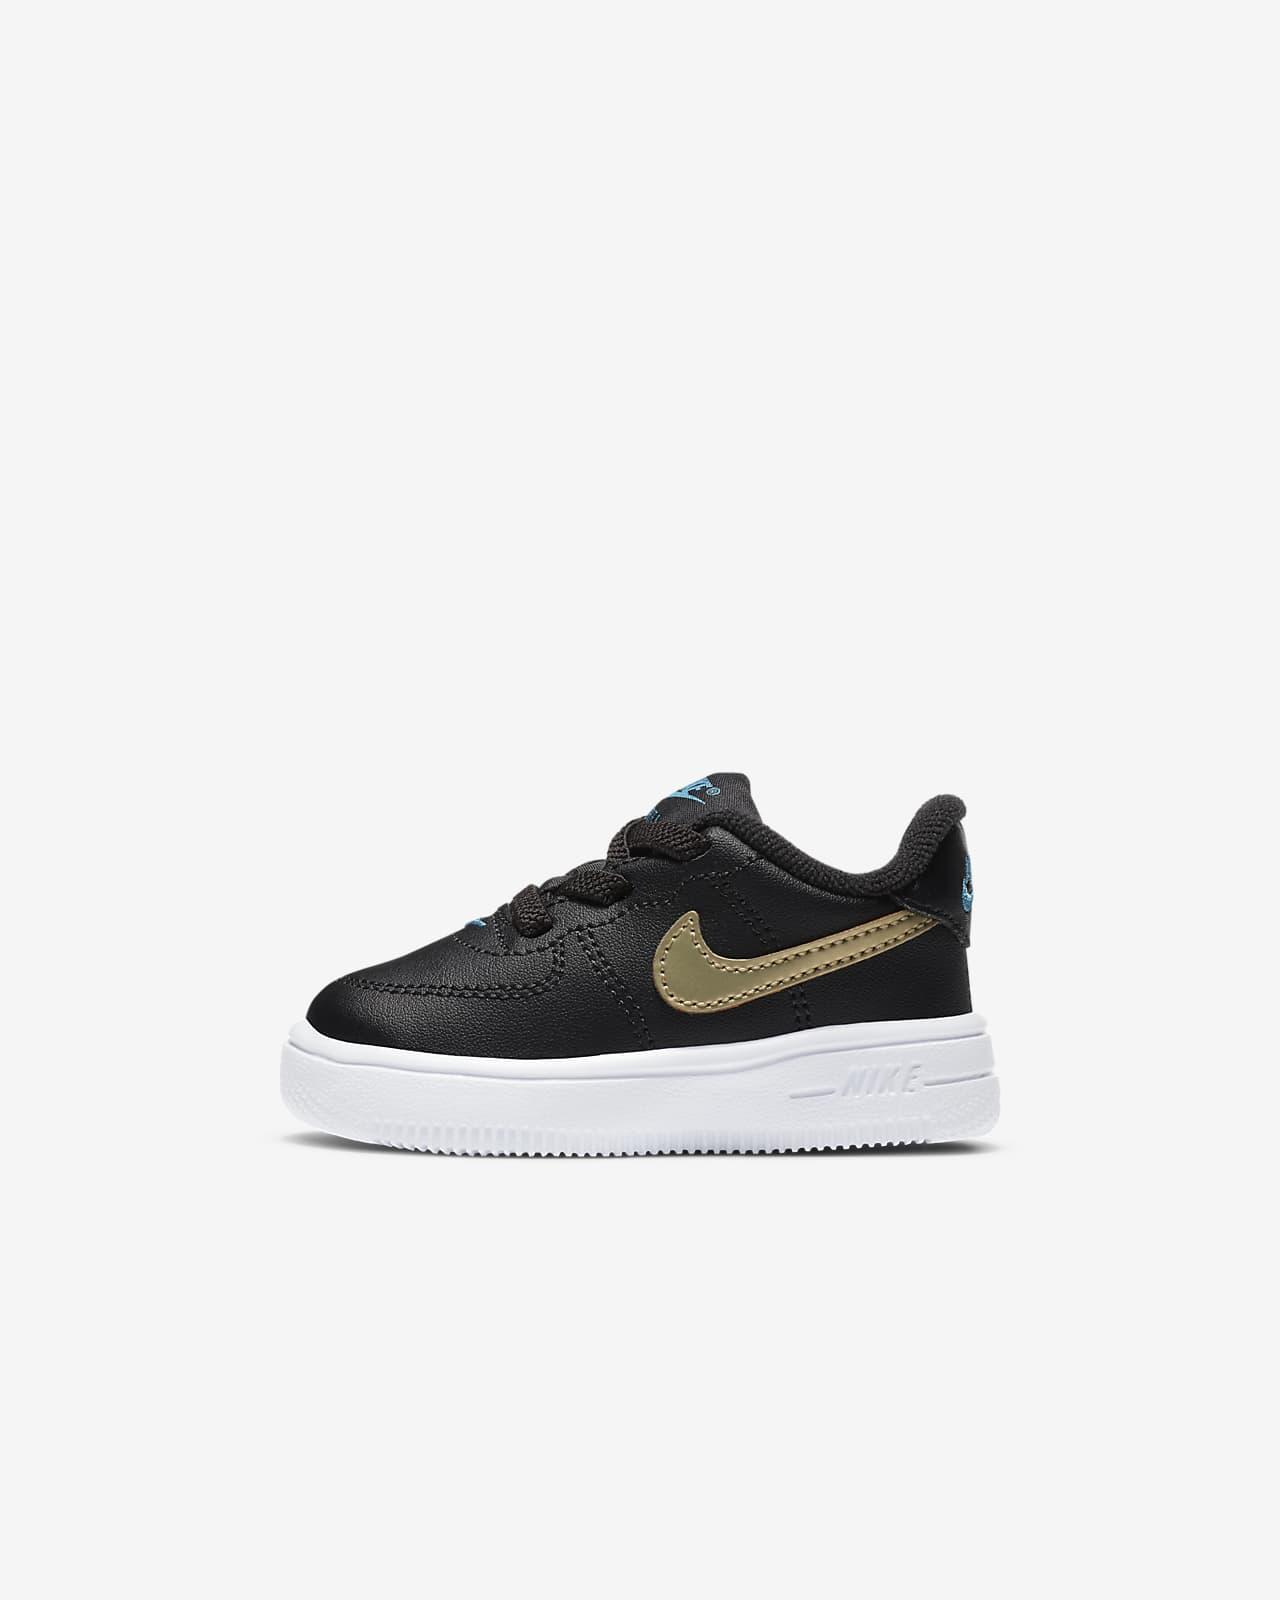 Nike Force 1 '18 Infant/Toddler Shoe